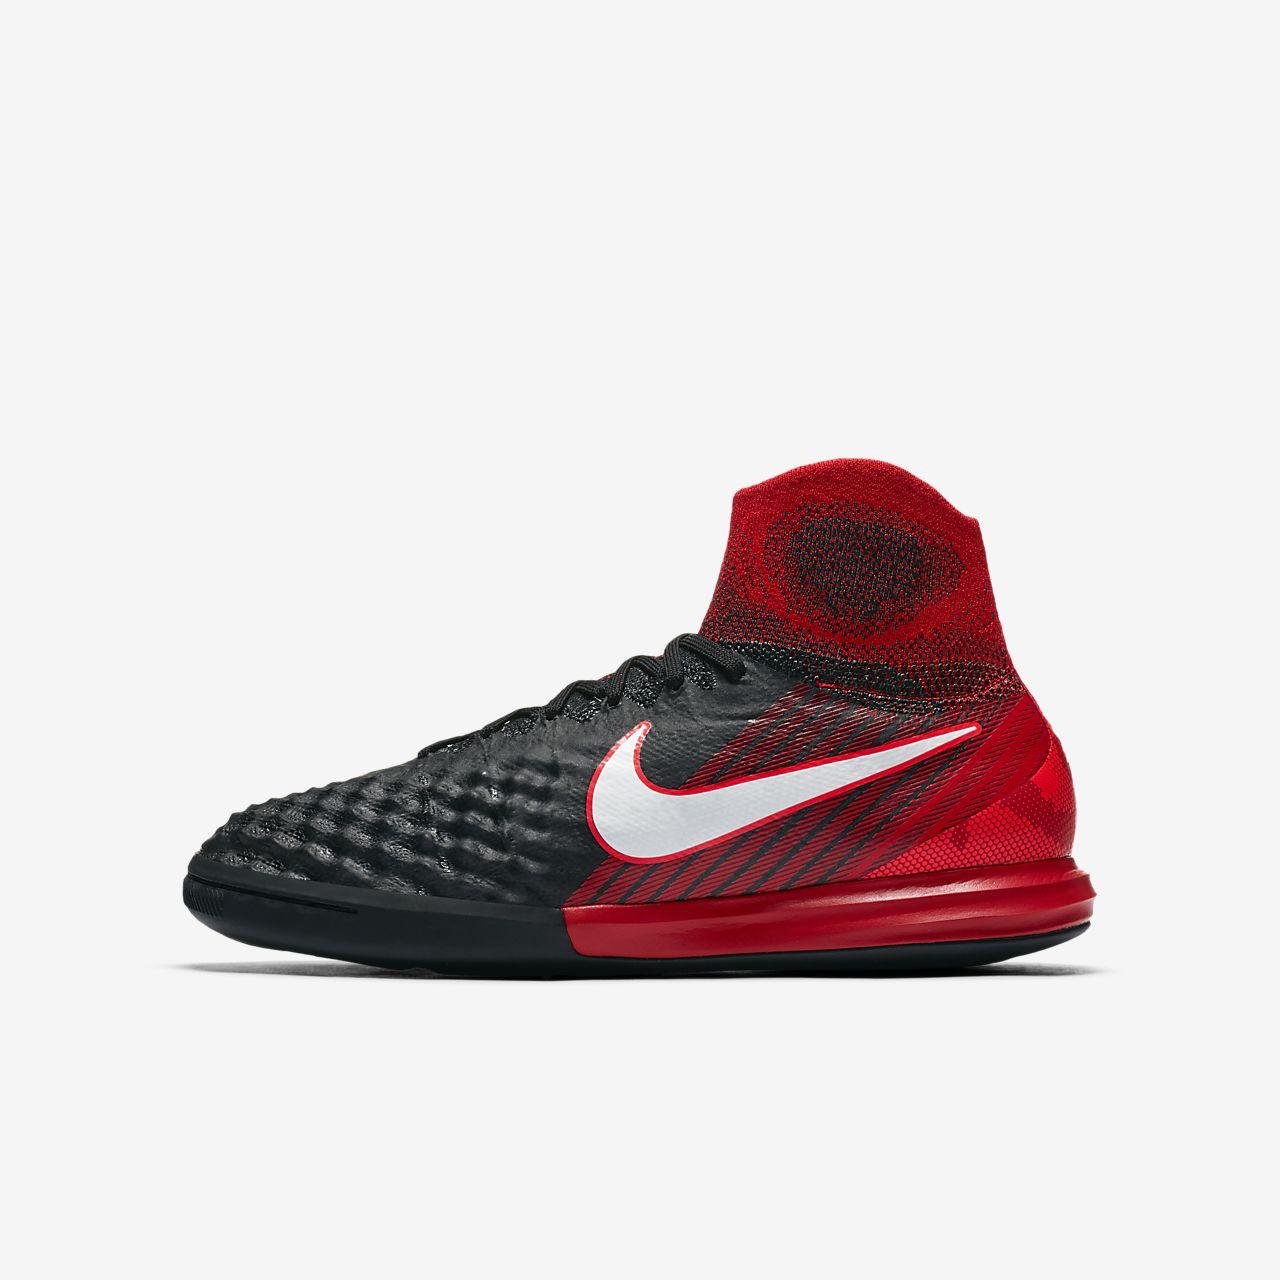 ... Nike Jr. MagistaX Proximo II Big Kids' Indoor/Court Soccer Shoe